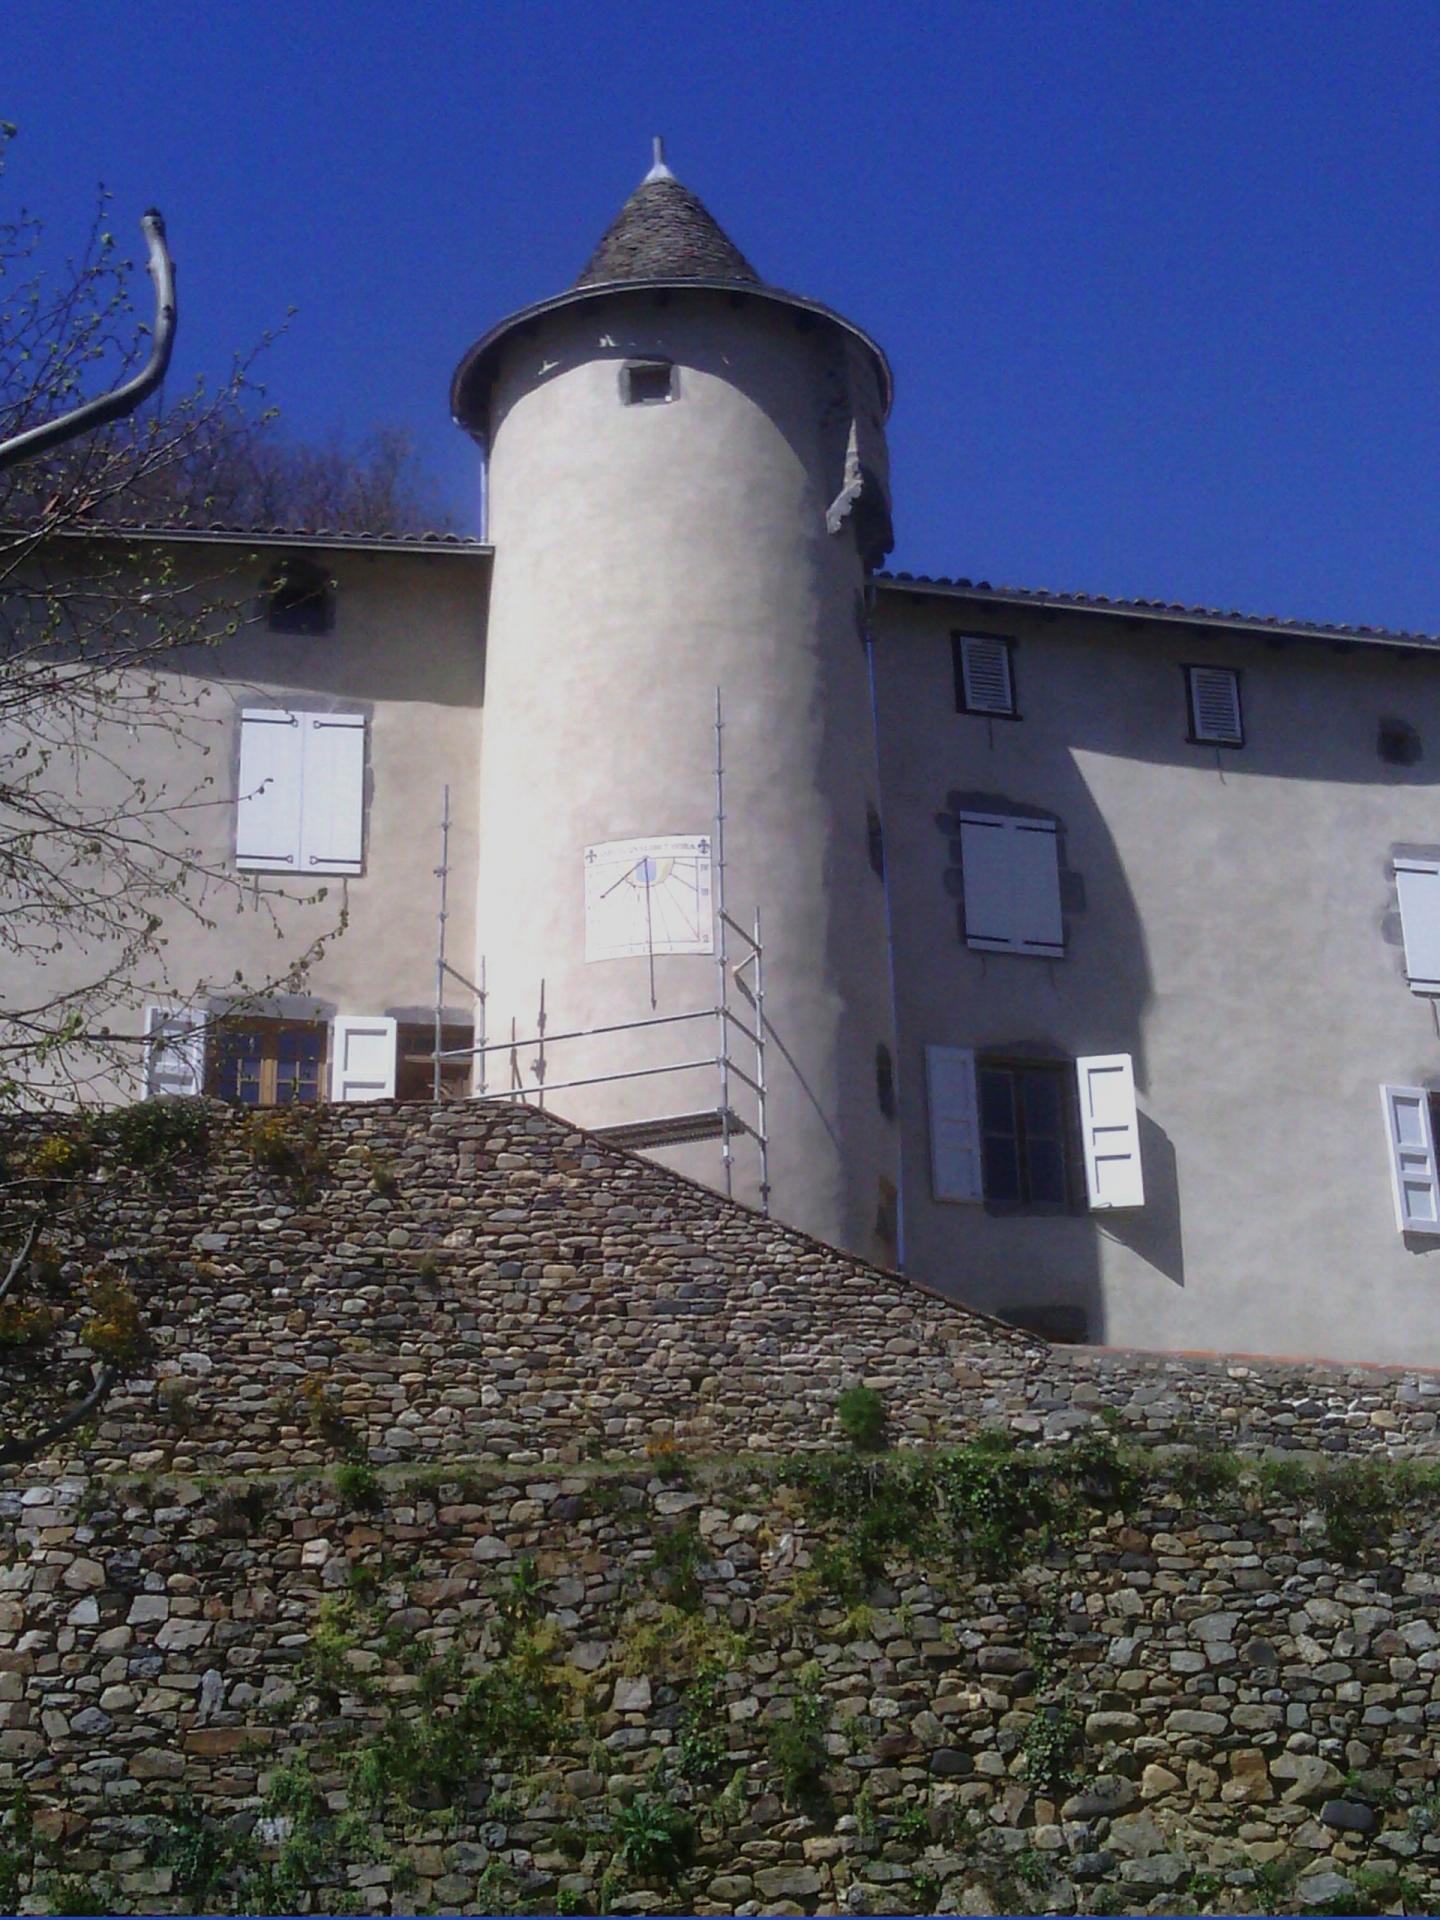 Cadran bonnac chateau